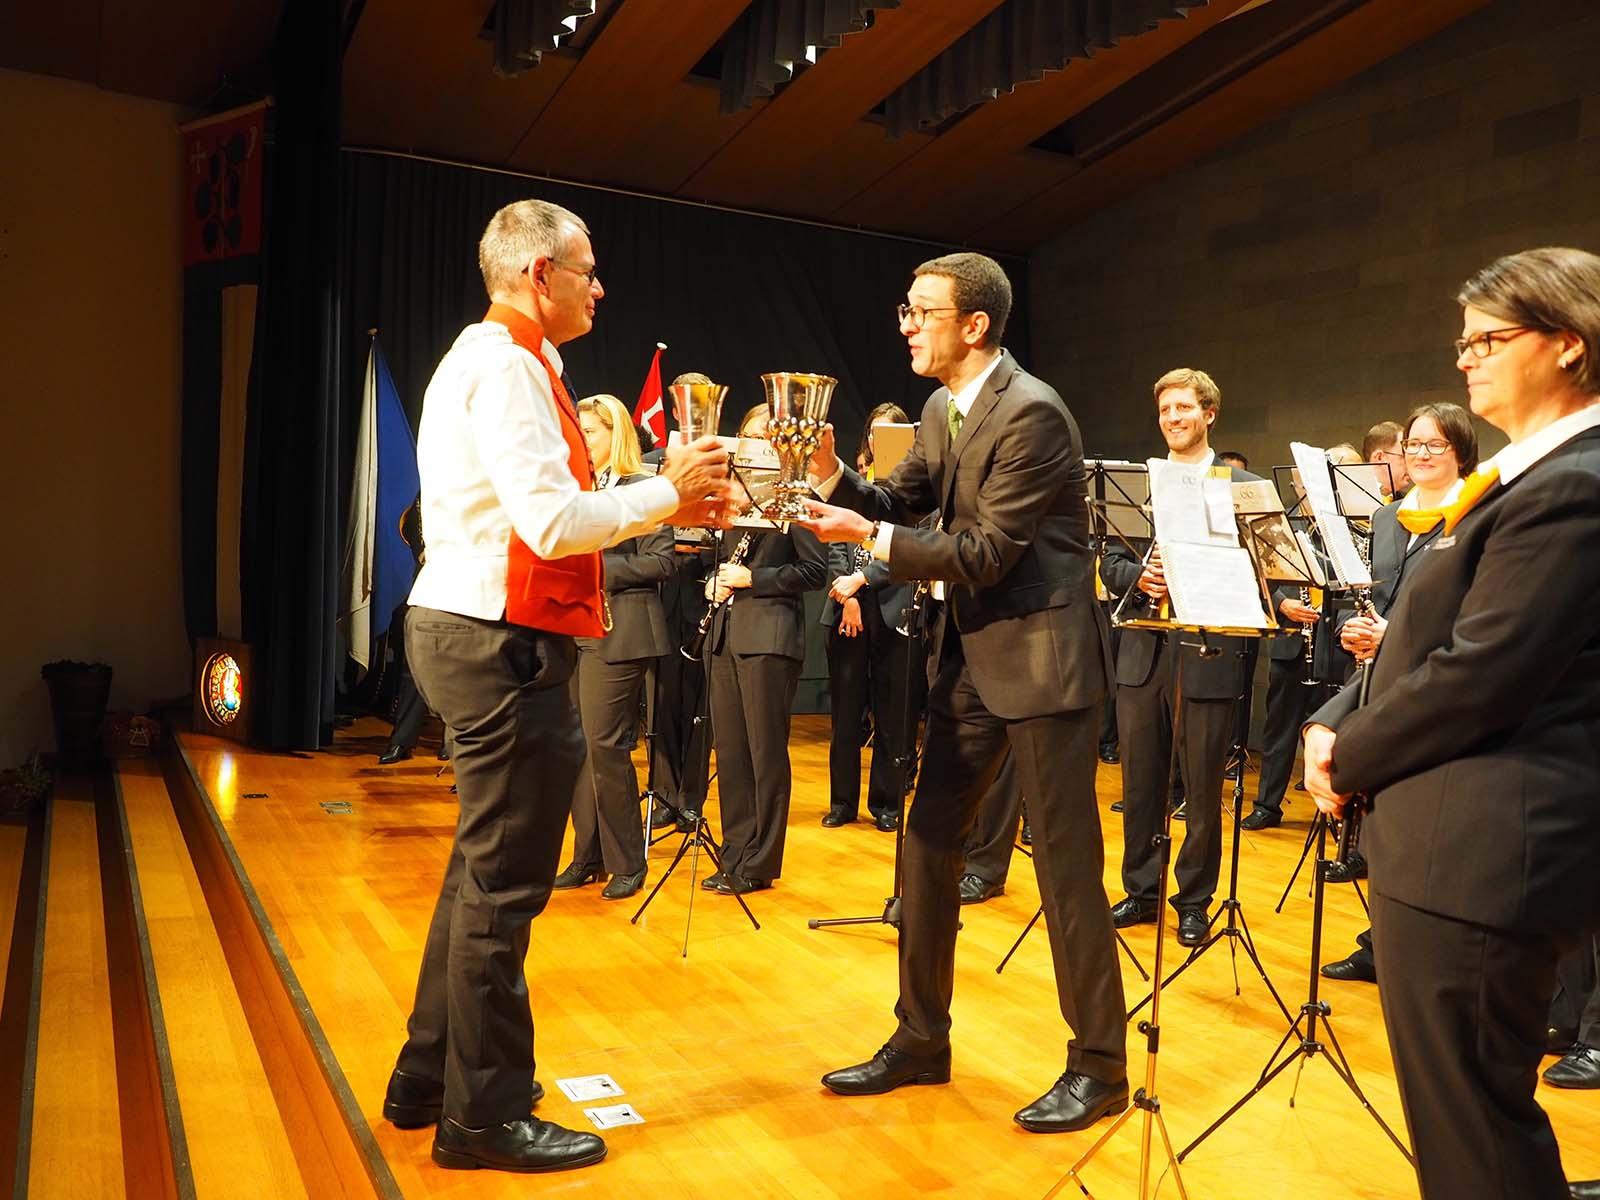 Verbunden im Quartier: Zunftmeister Walter Zweifel bedankt sich beim Dirigenten des Musikvereins Höngg ...